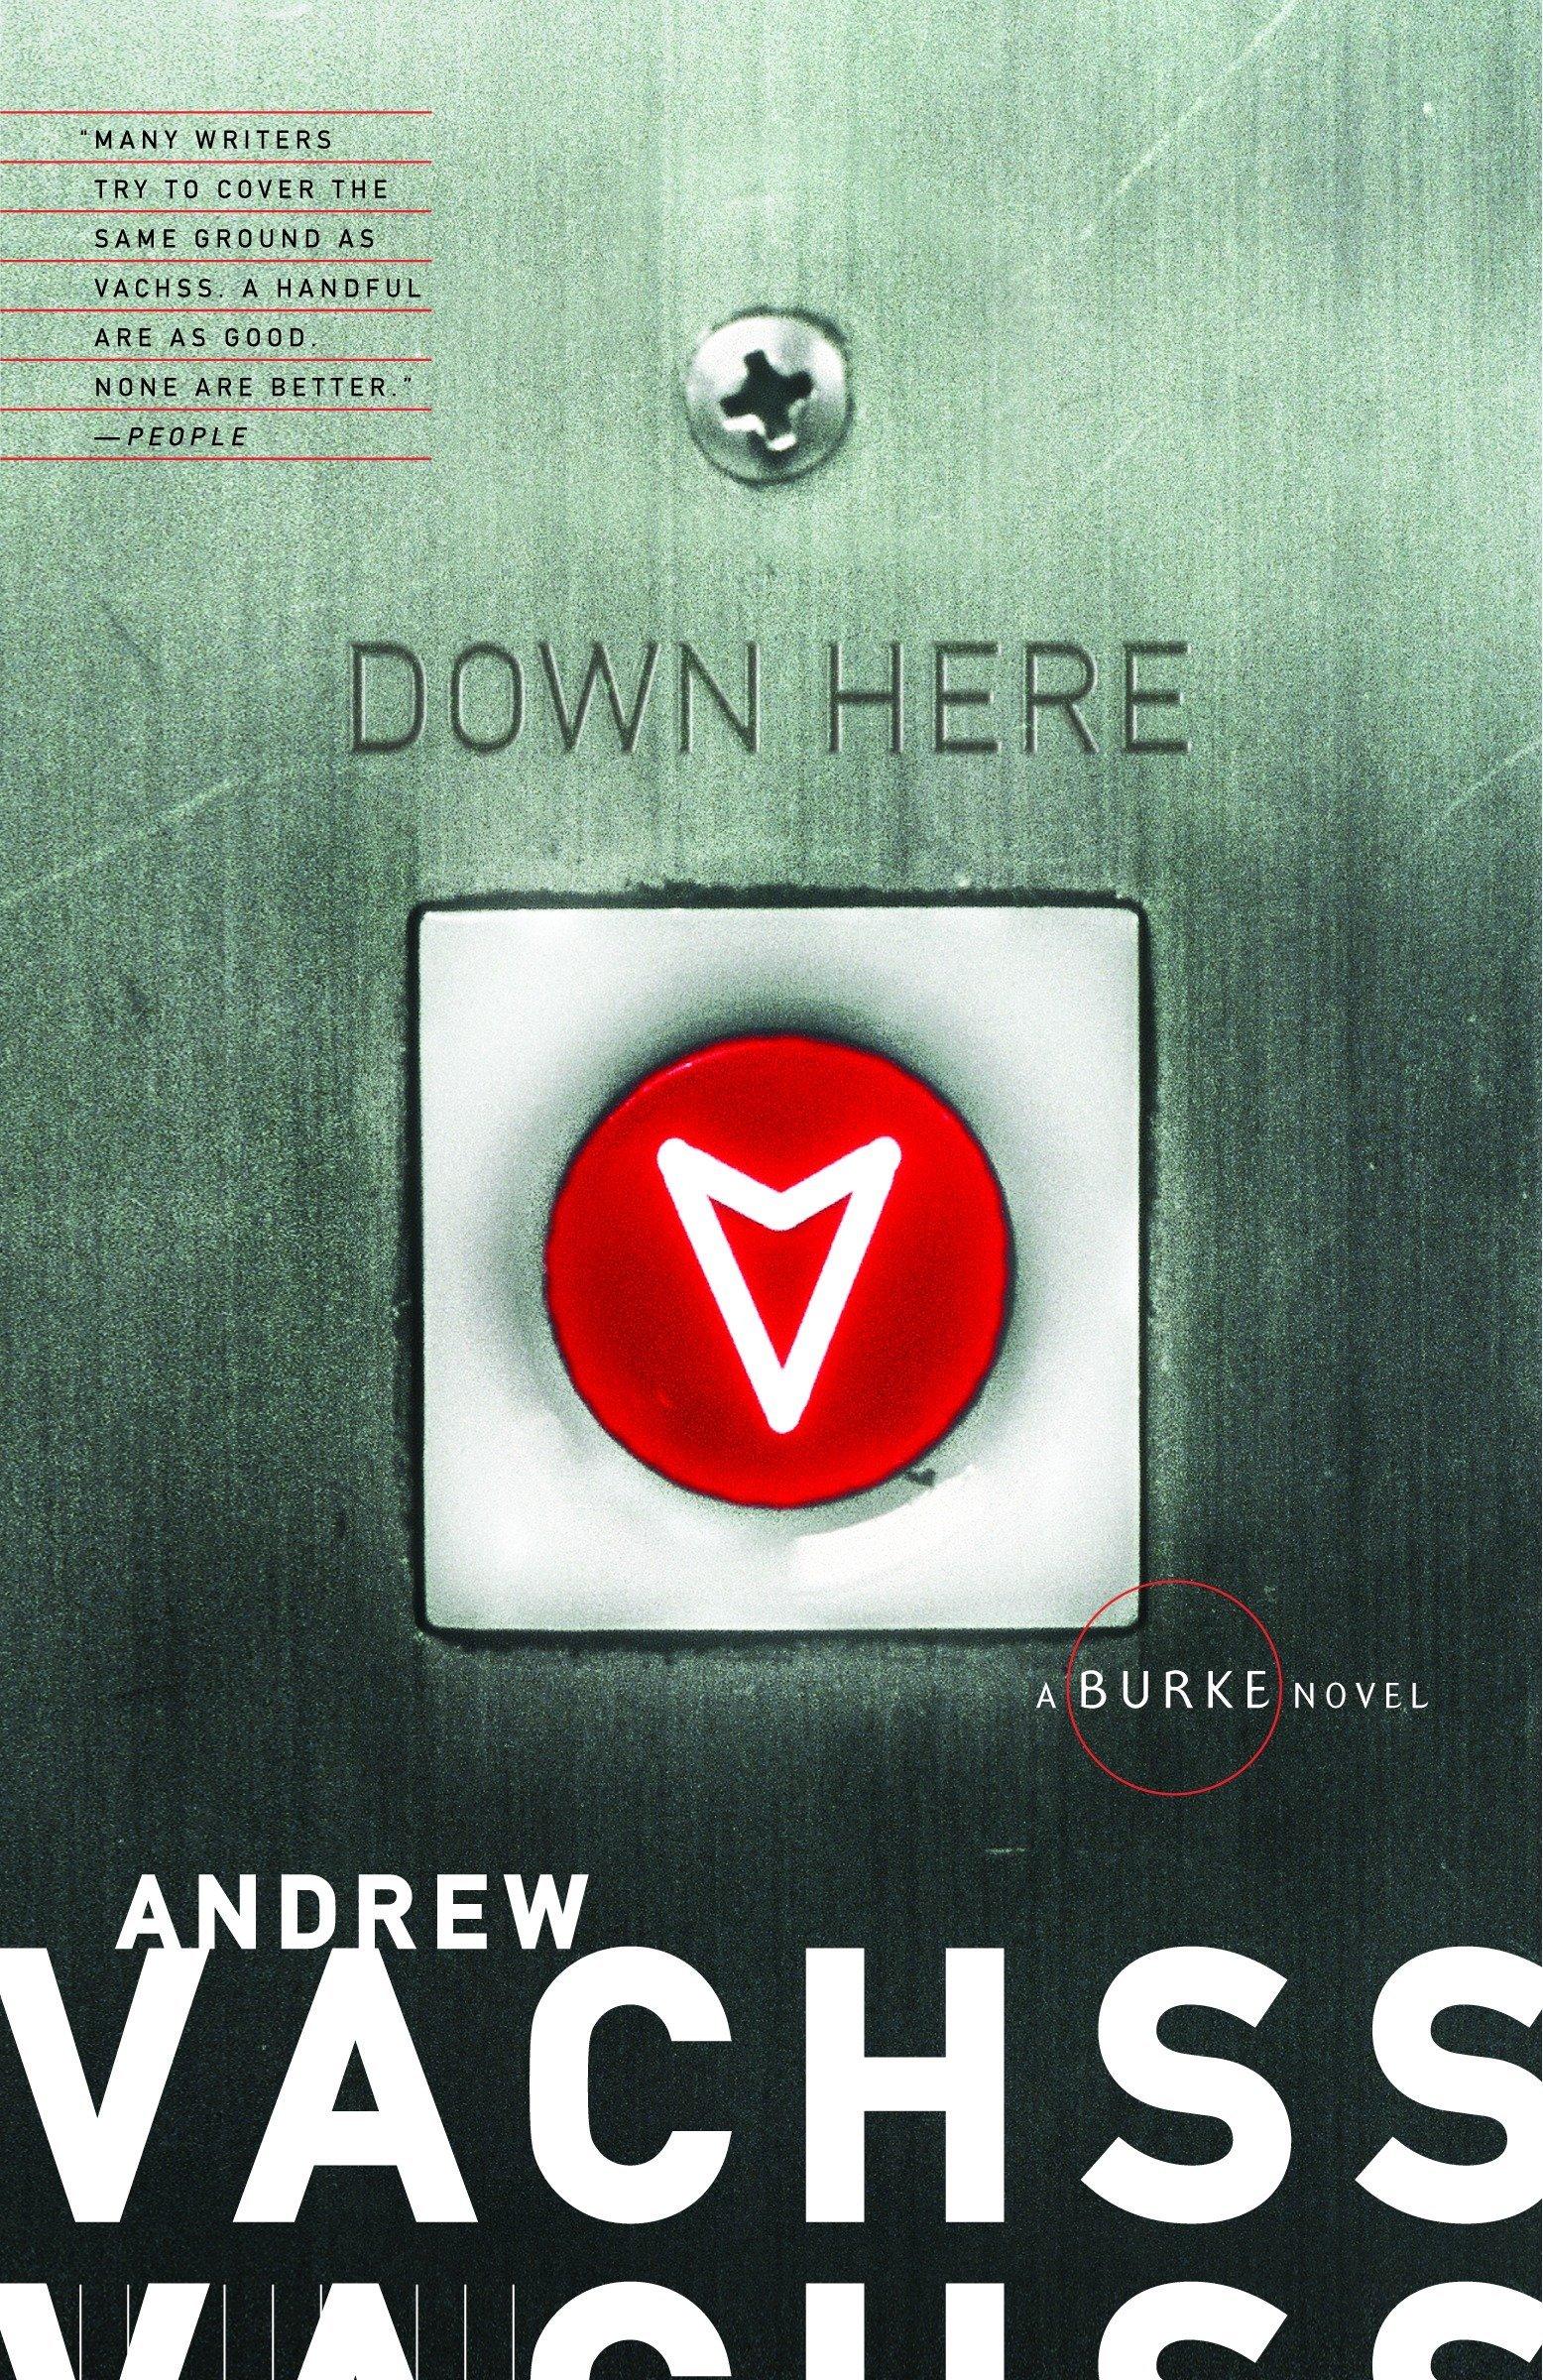 Down Here: A Burke Novel pdf